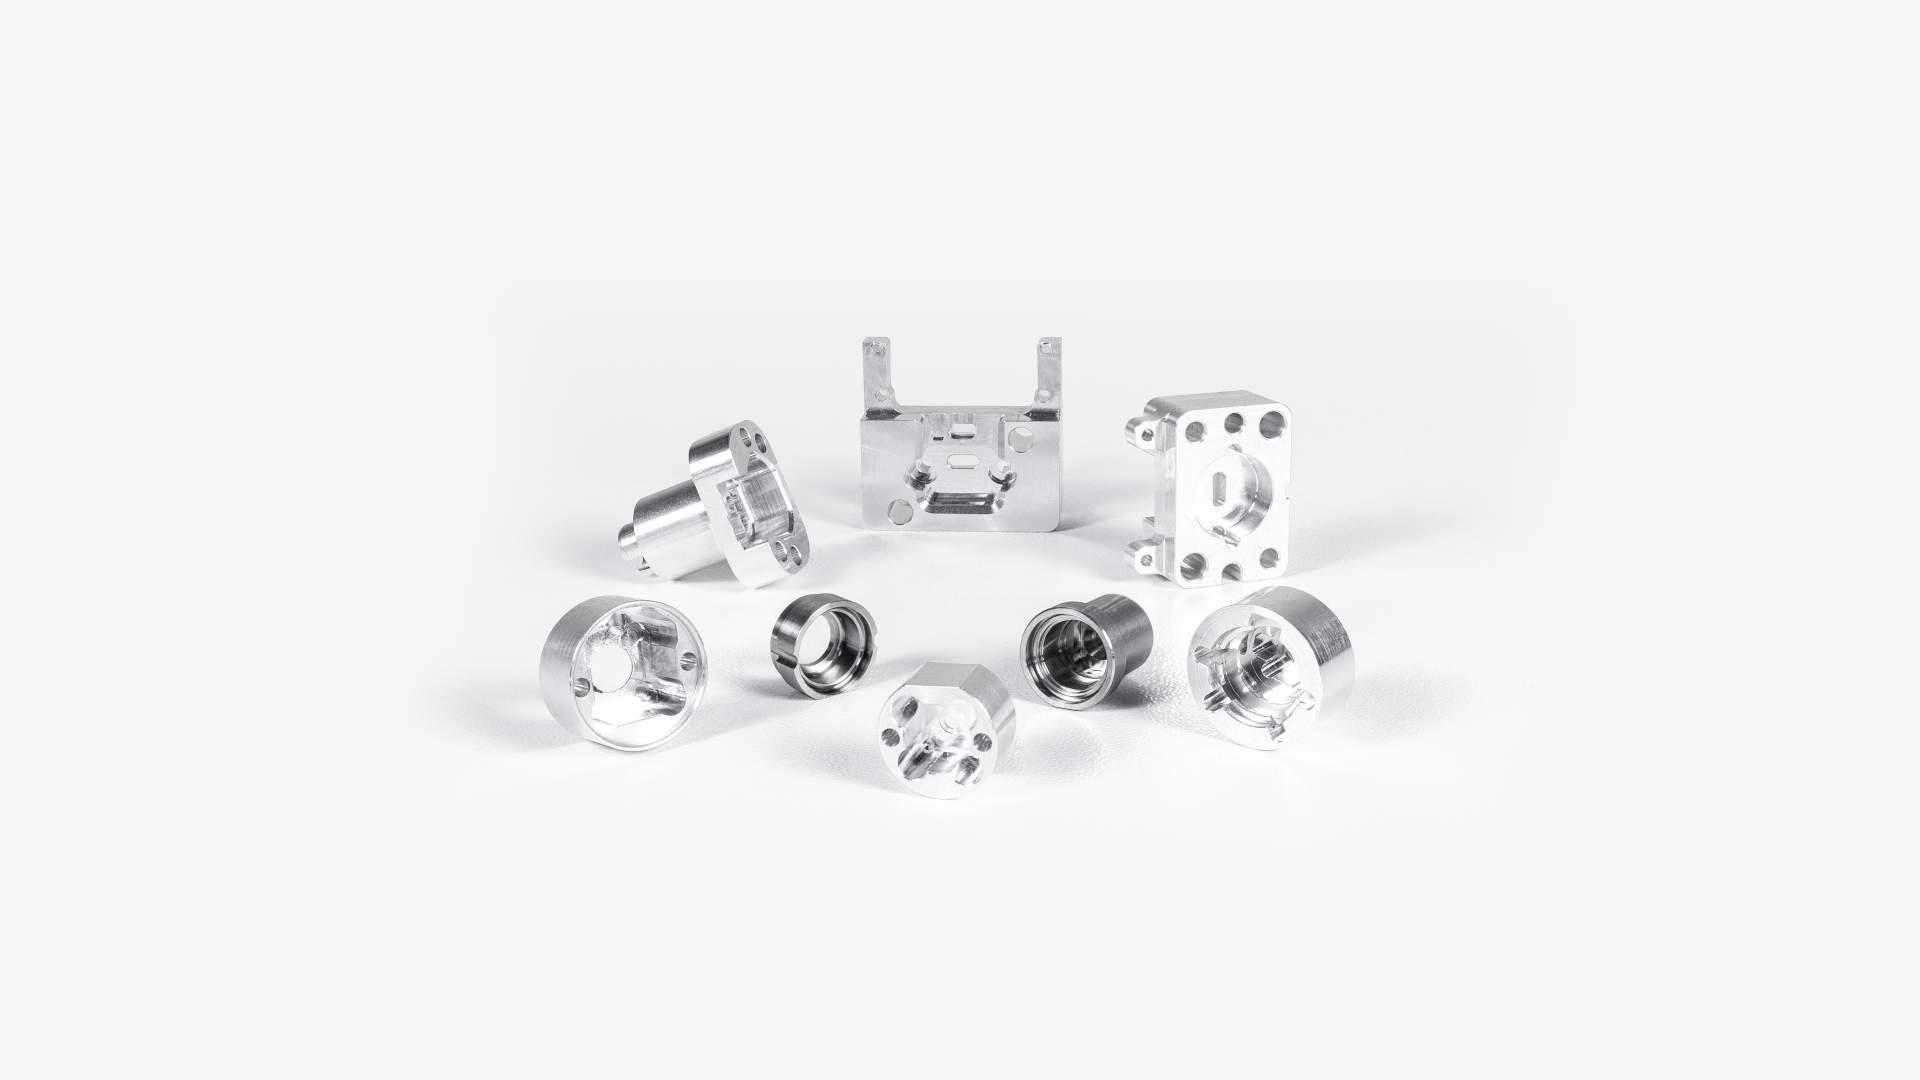 Unsere kundenspezifisch gefertigten Präzisionsdrehteile und CNC Frästeile finden auch in der optischen Industrie Anwendung.